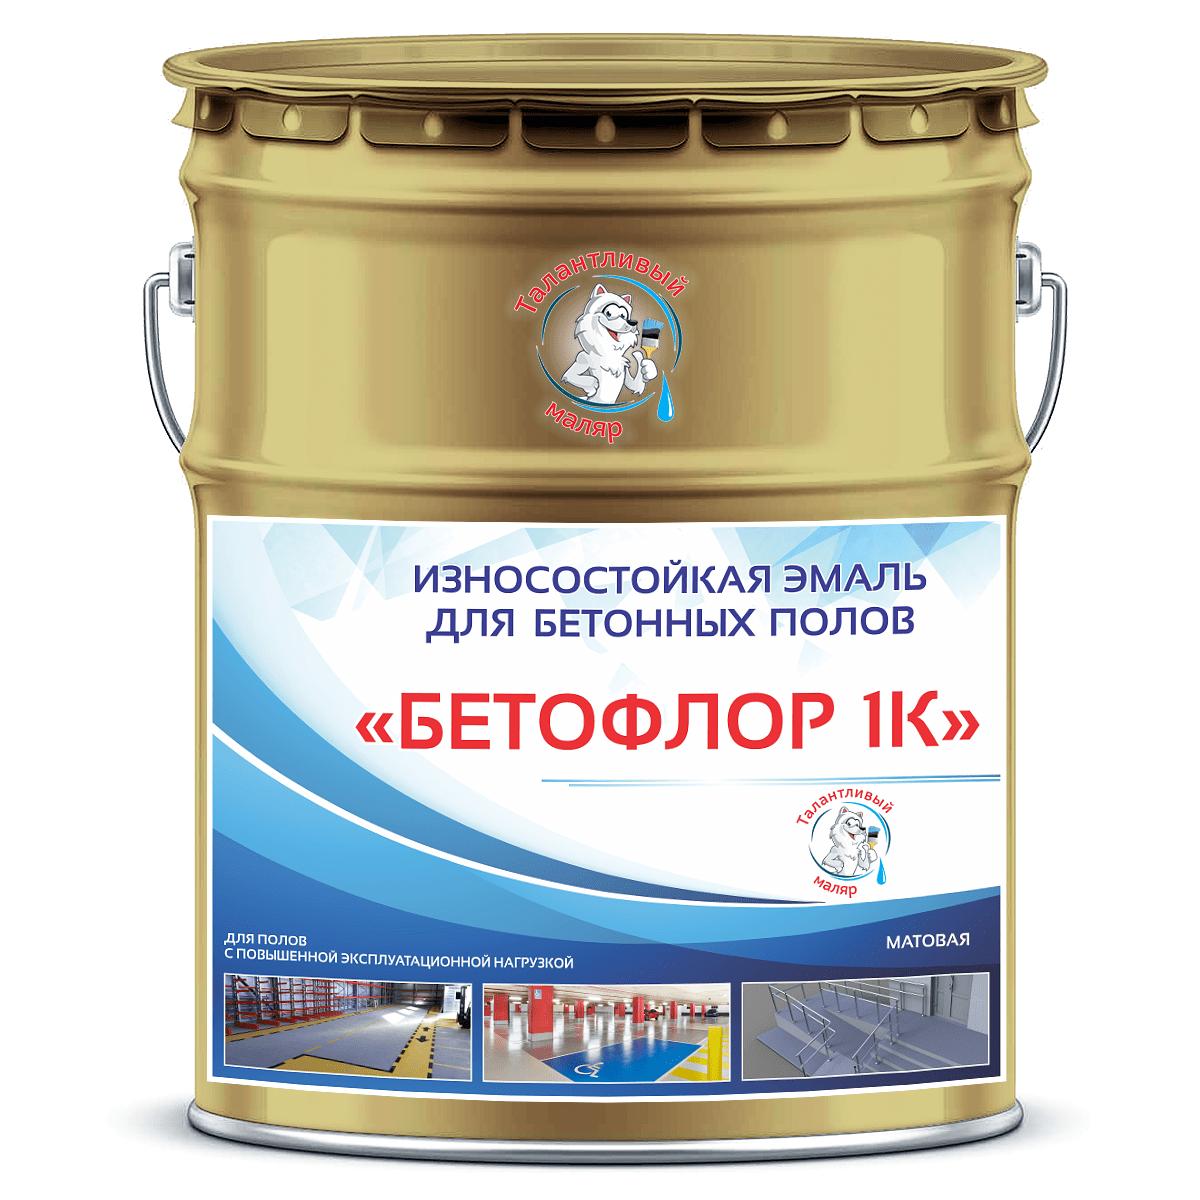 """Фото 18 - BF1020 Эмаль для бетонных полов """"Бетофлор"""" 1К цвет RAL 1020 Оливково-жёлтый, матовая износостойкая, 25 кг """"Талантливый Маляр""""."""